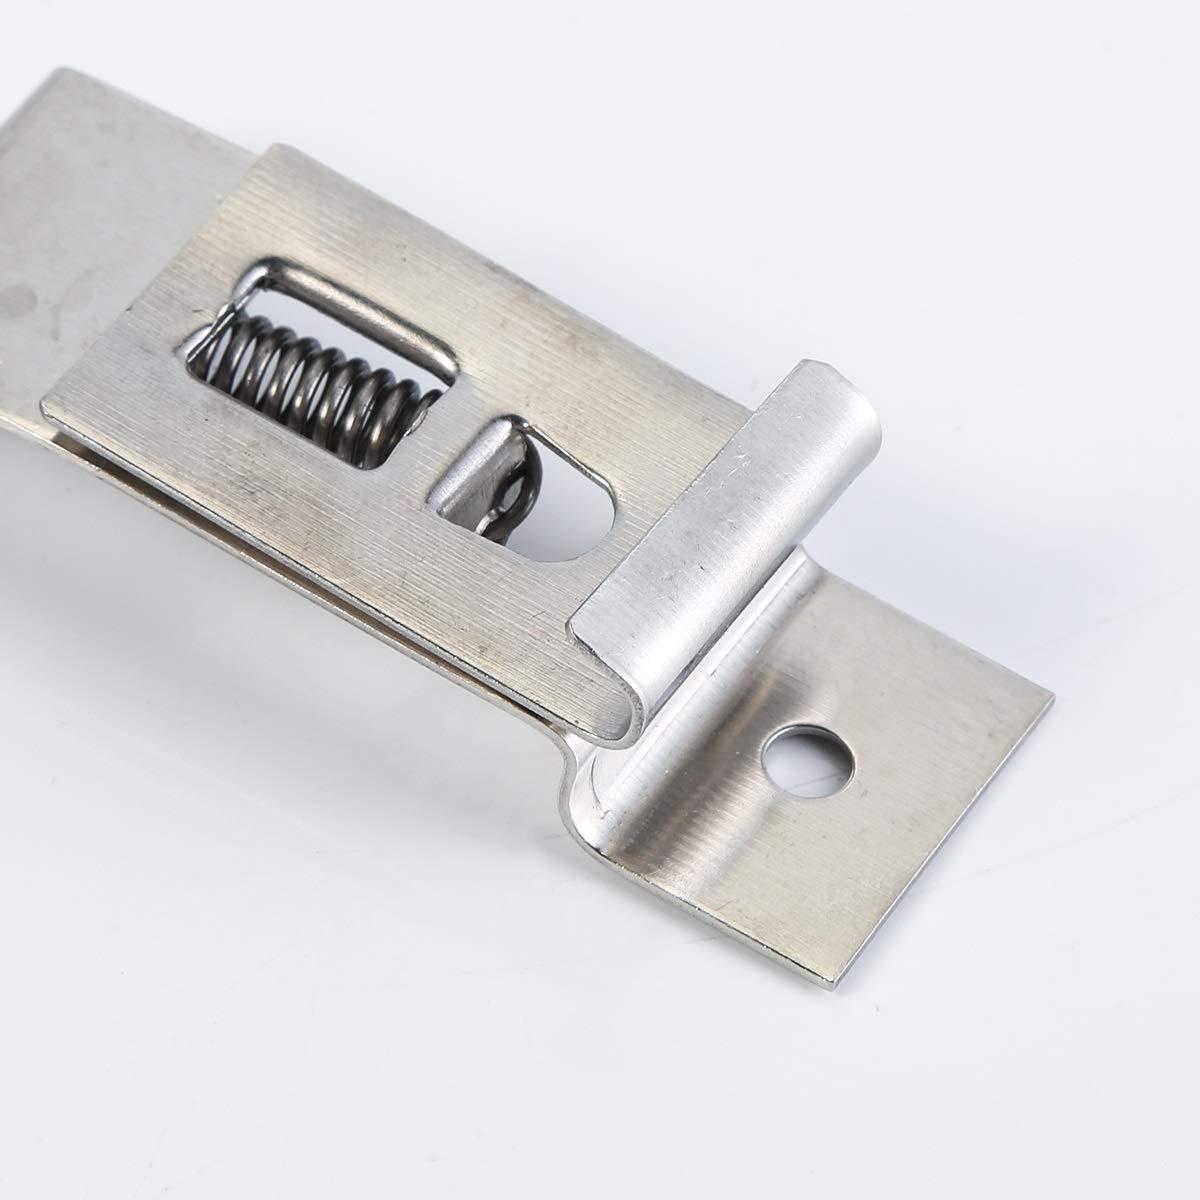 8101.730 Supporto per piastra portatarga per gancio in acciaio inossidabile caricato a molla per camion//semirimorchio//auto//nave